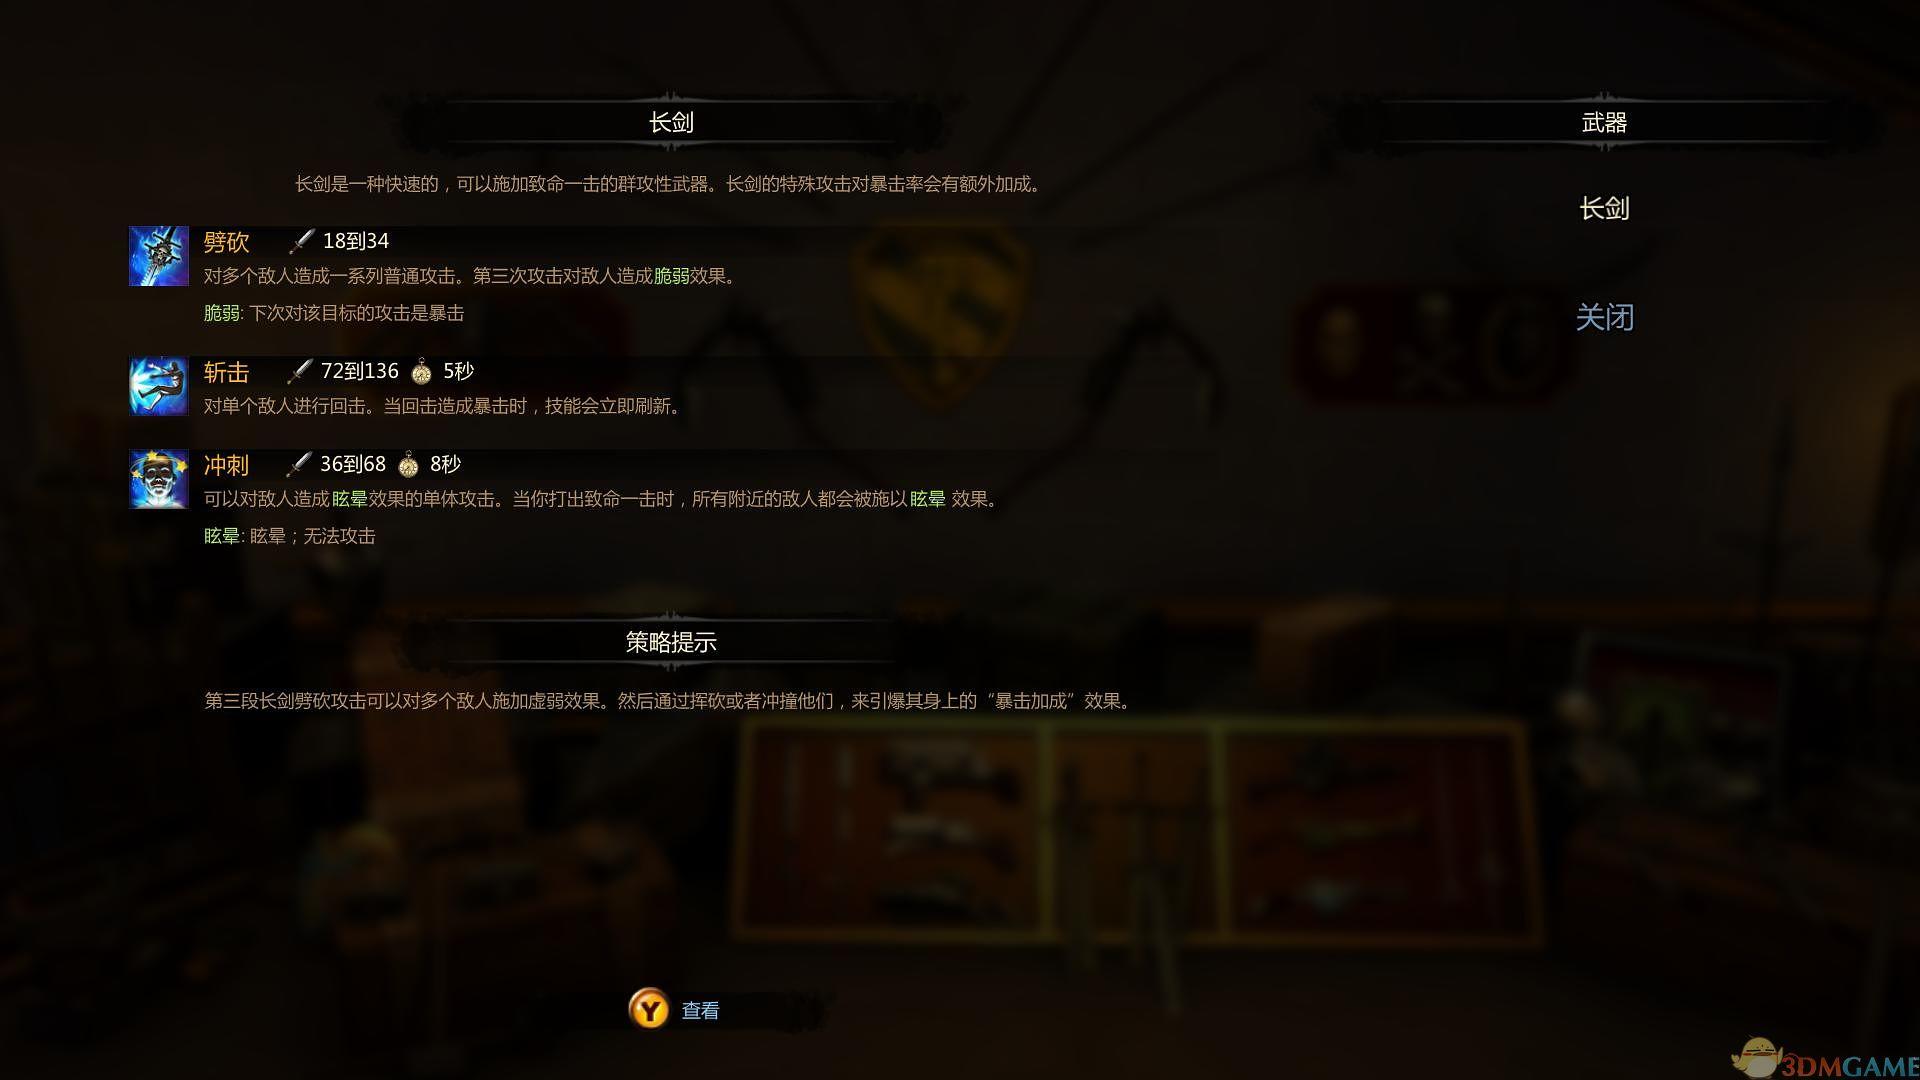 维克多弗兰 正式版 16号升级档+DLC+破解补丁[3DM]